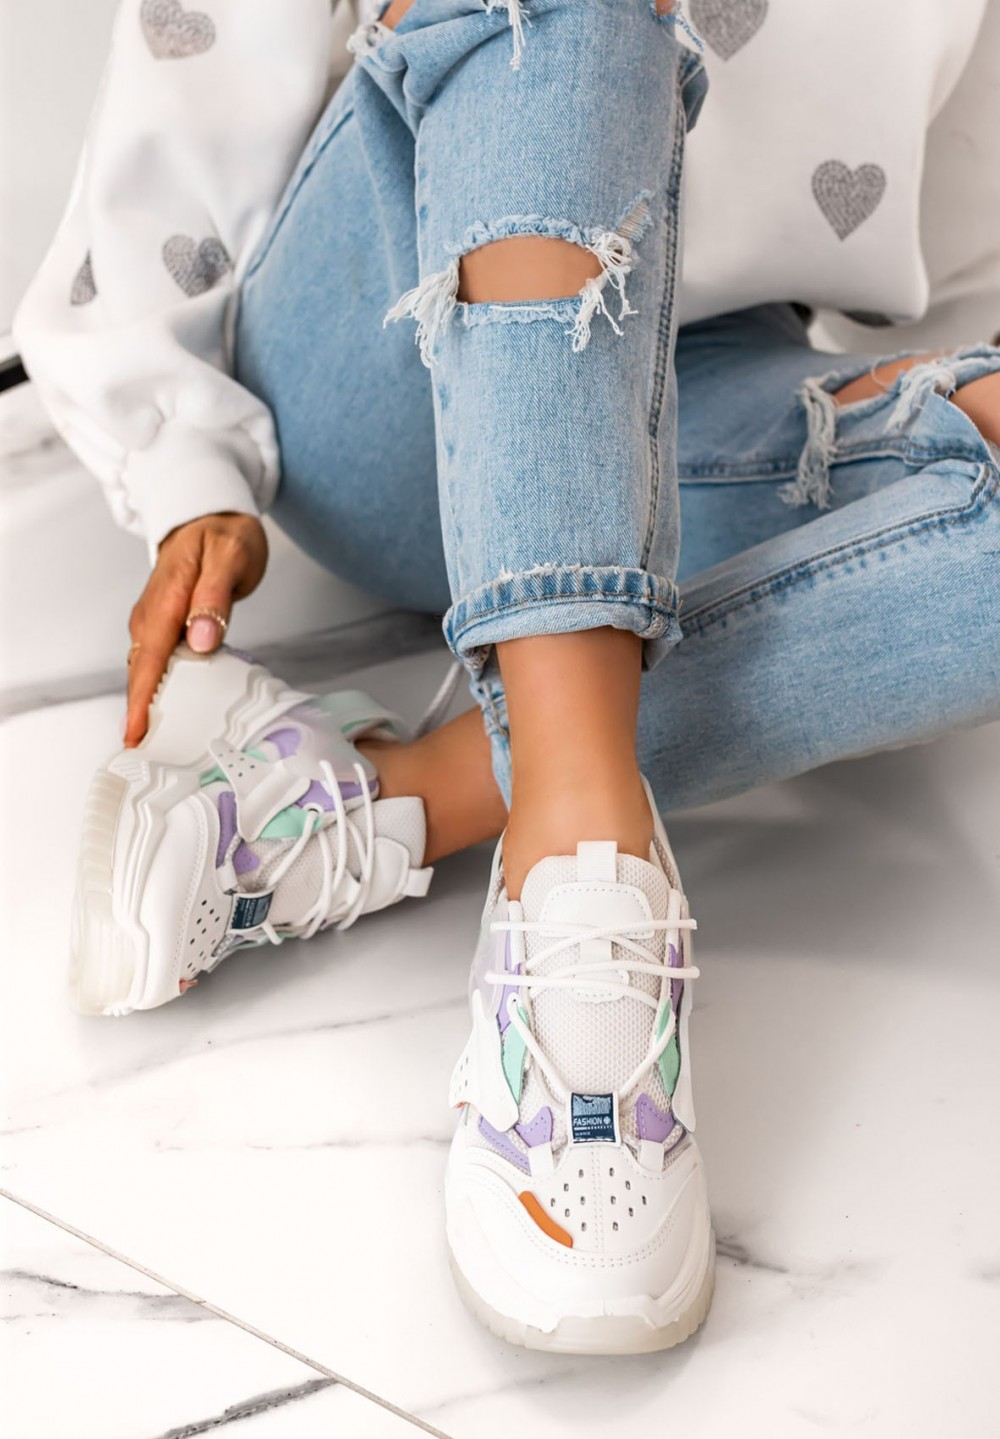 Trampki Sneakersy Siateczkowe Białe Feris